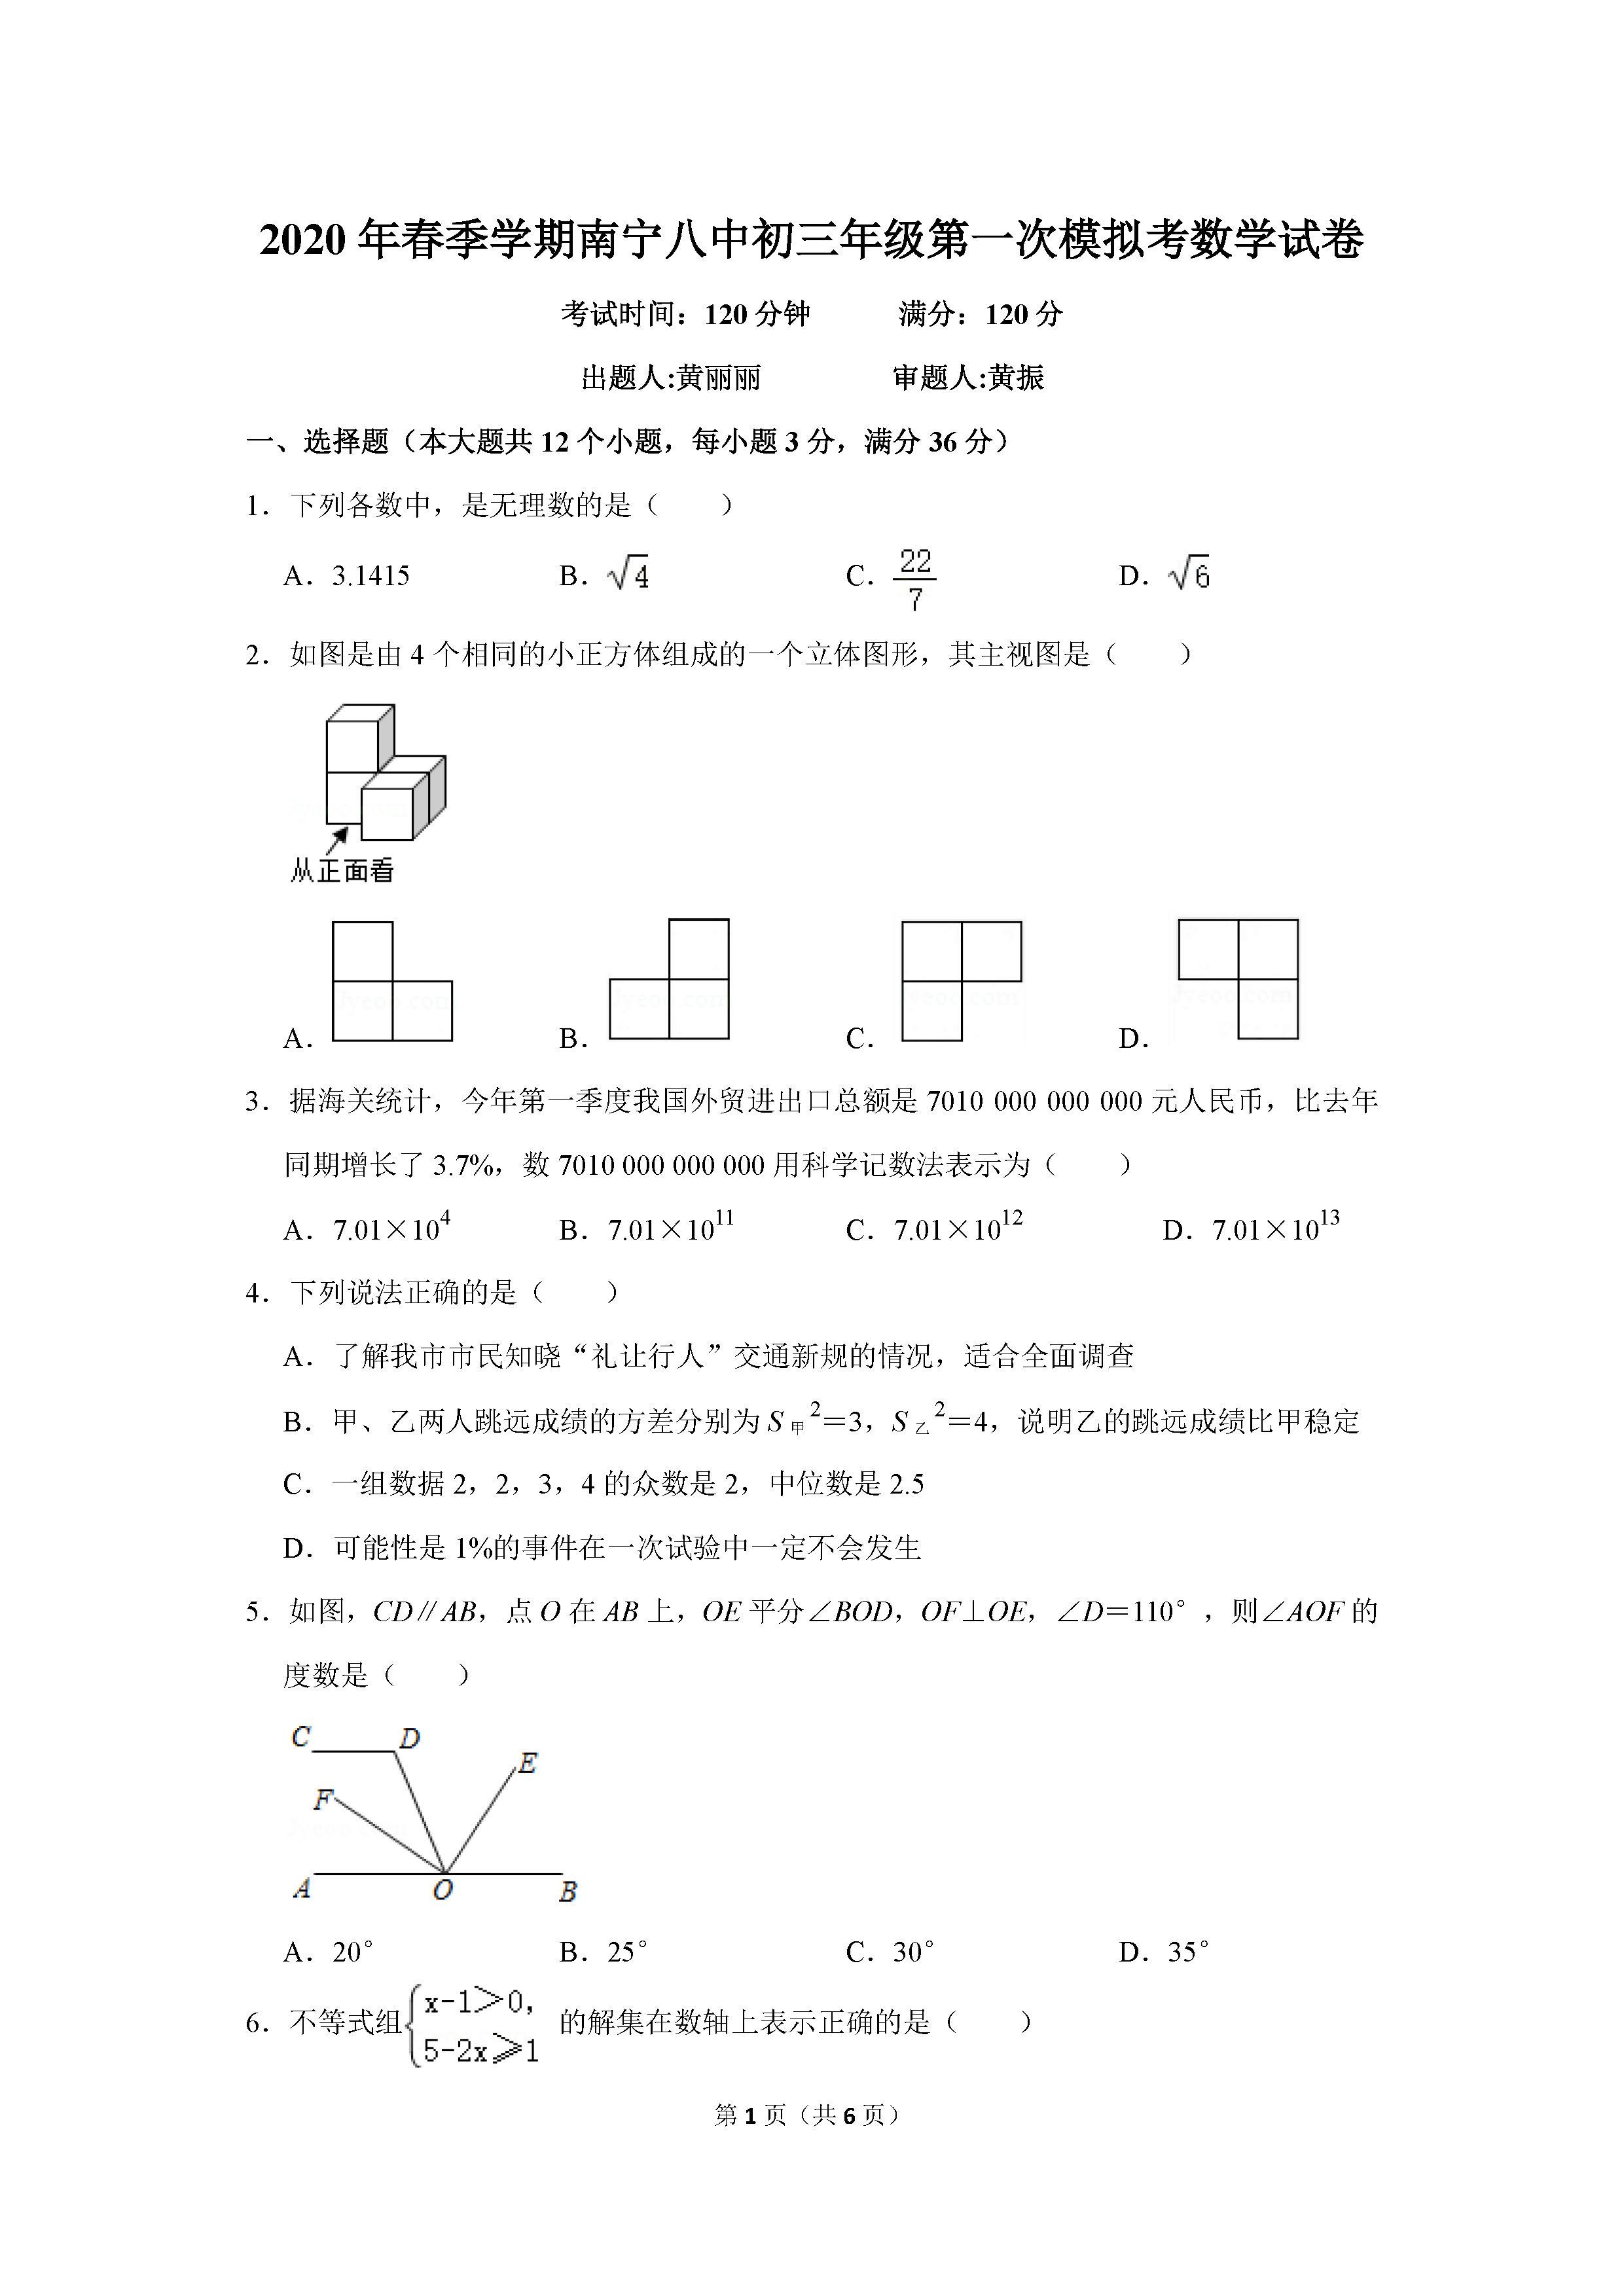 2020南宁市八中初三一诊数学试题答案(PDF下载版)